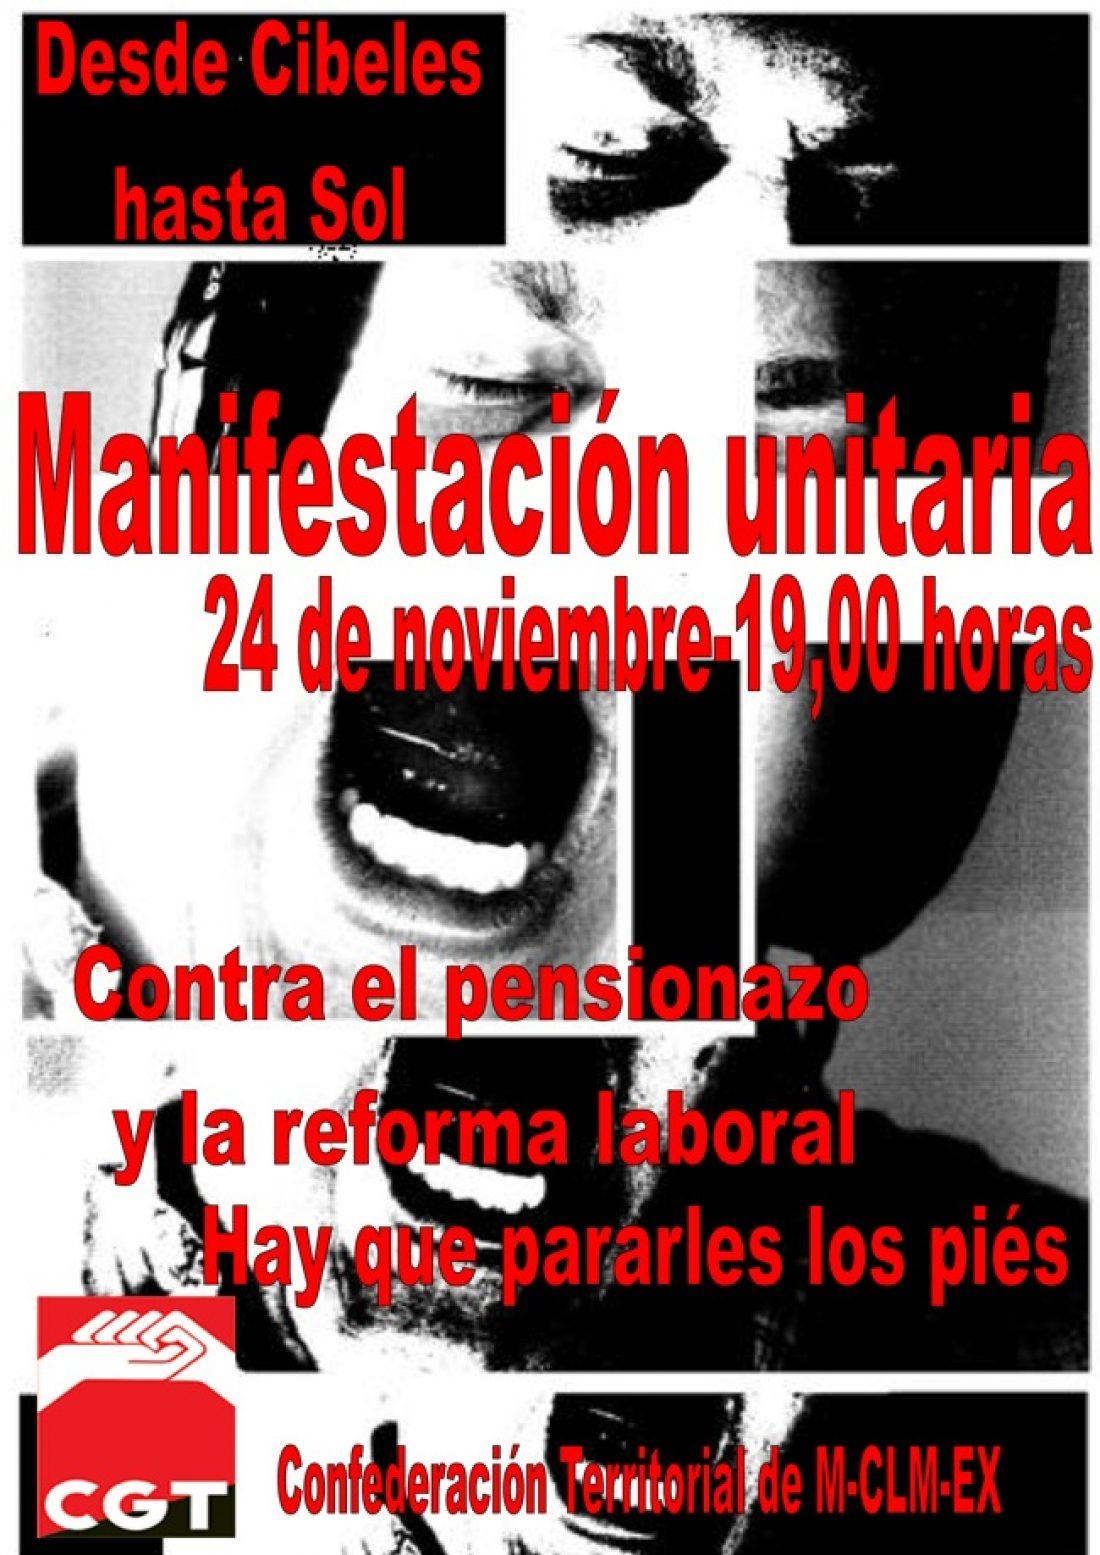 Madrid, 24 de noviembre: Manifestacion. Continuan las movilizaciones por otra huelga general